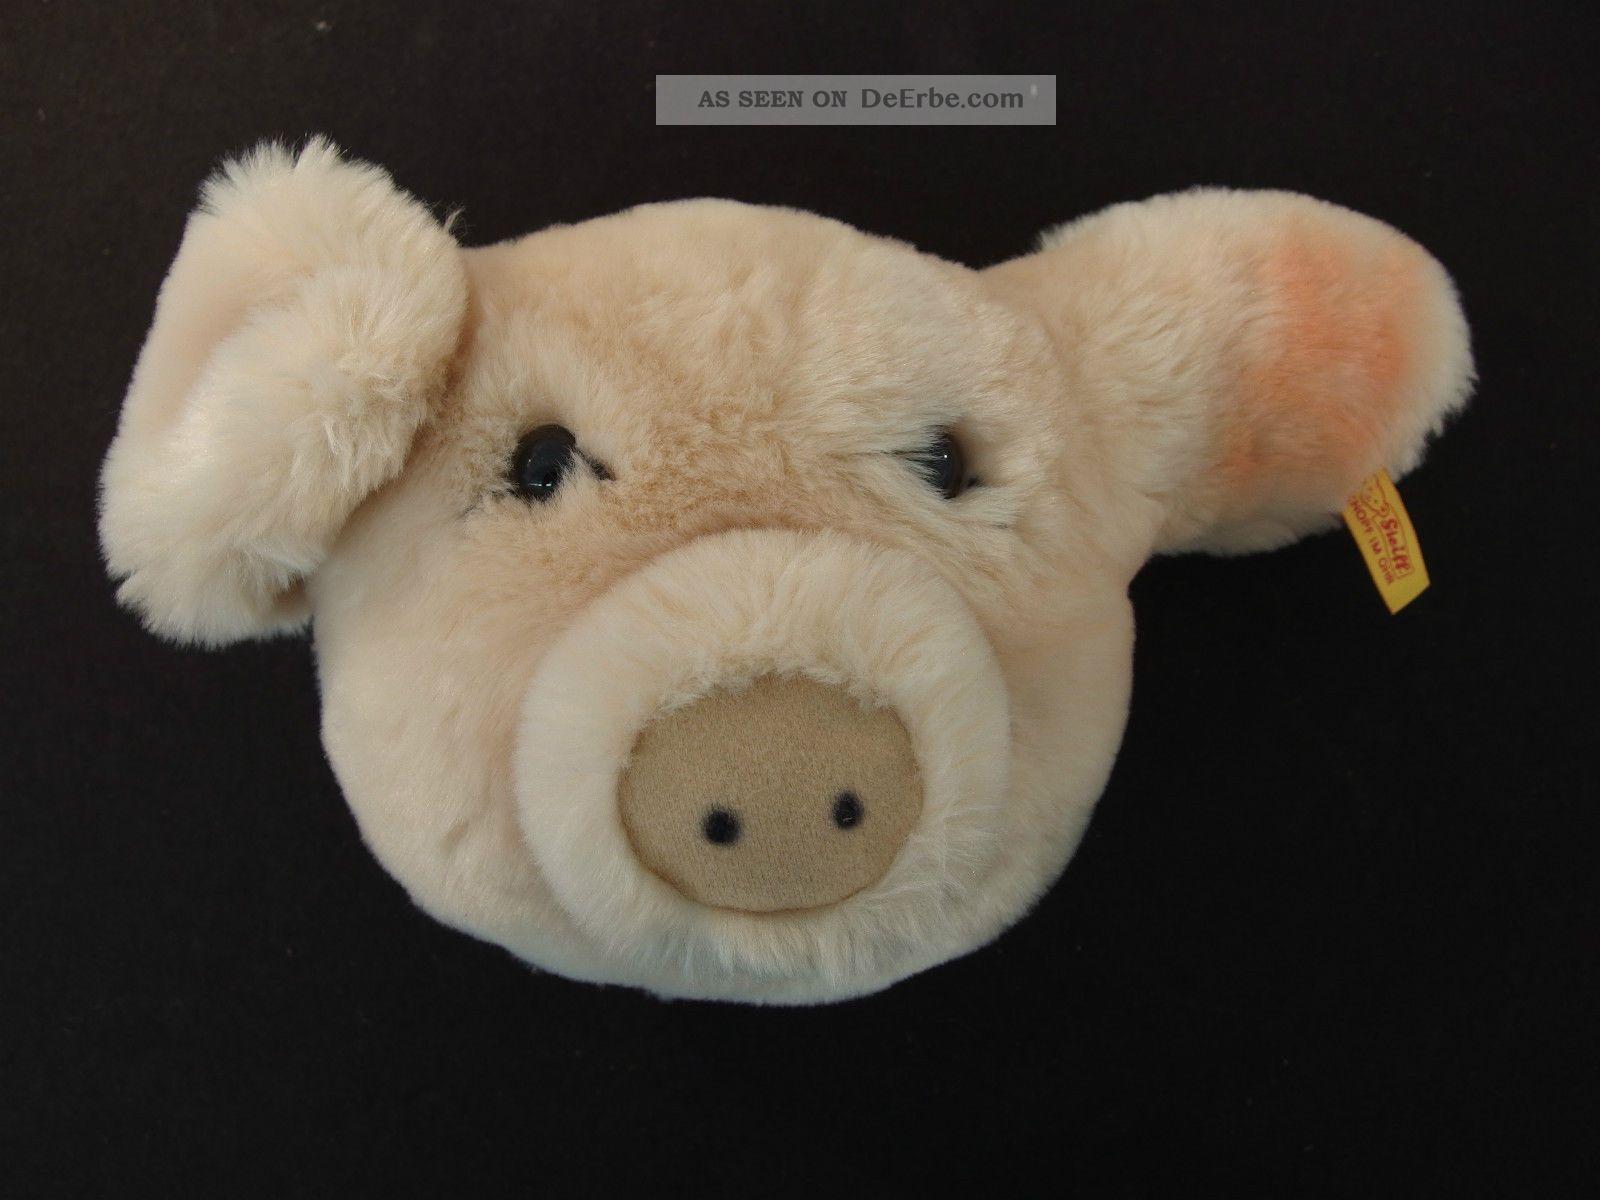 B86) Steiff Tier Schwein Sammler Knopf Im Ohr Bespielt Kind Tiere Bild